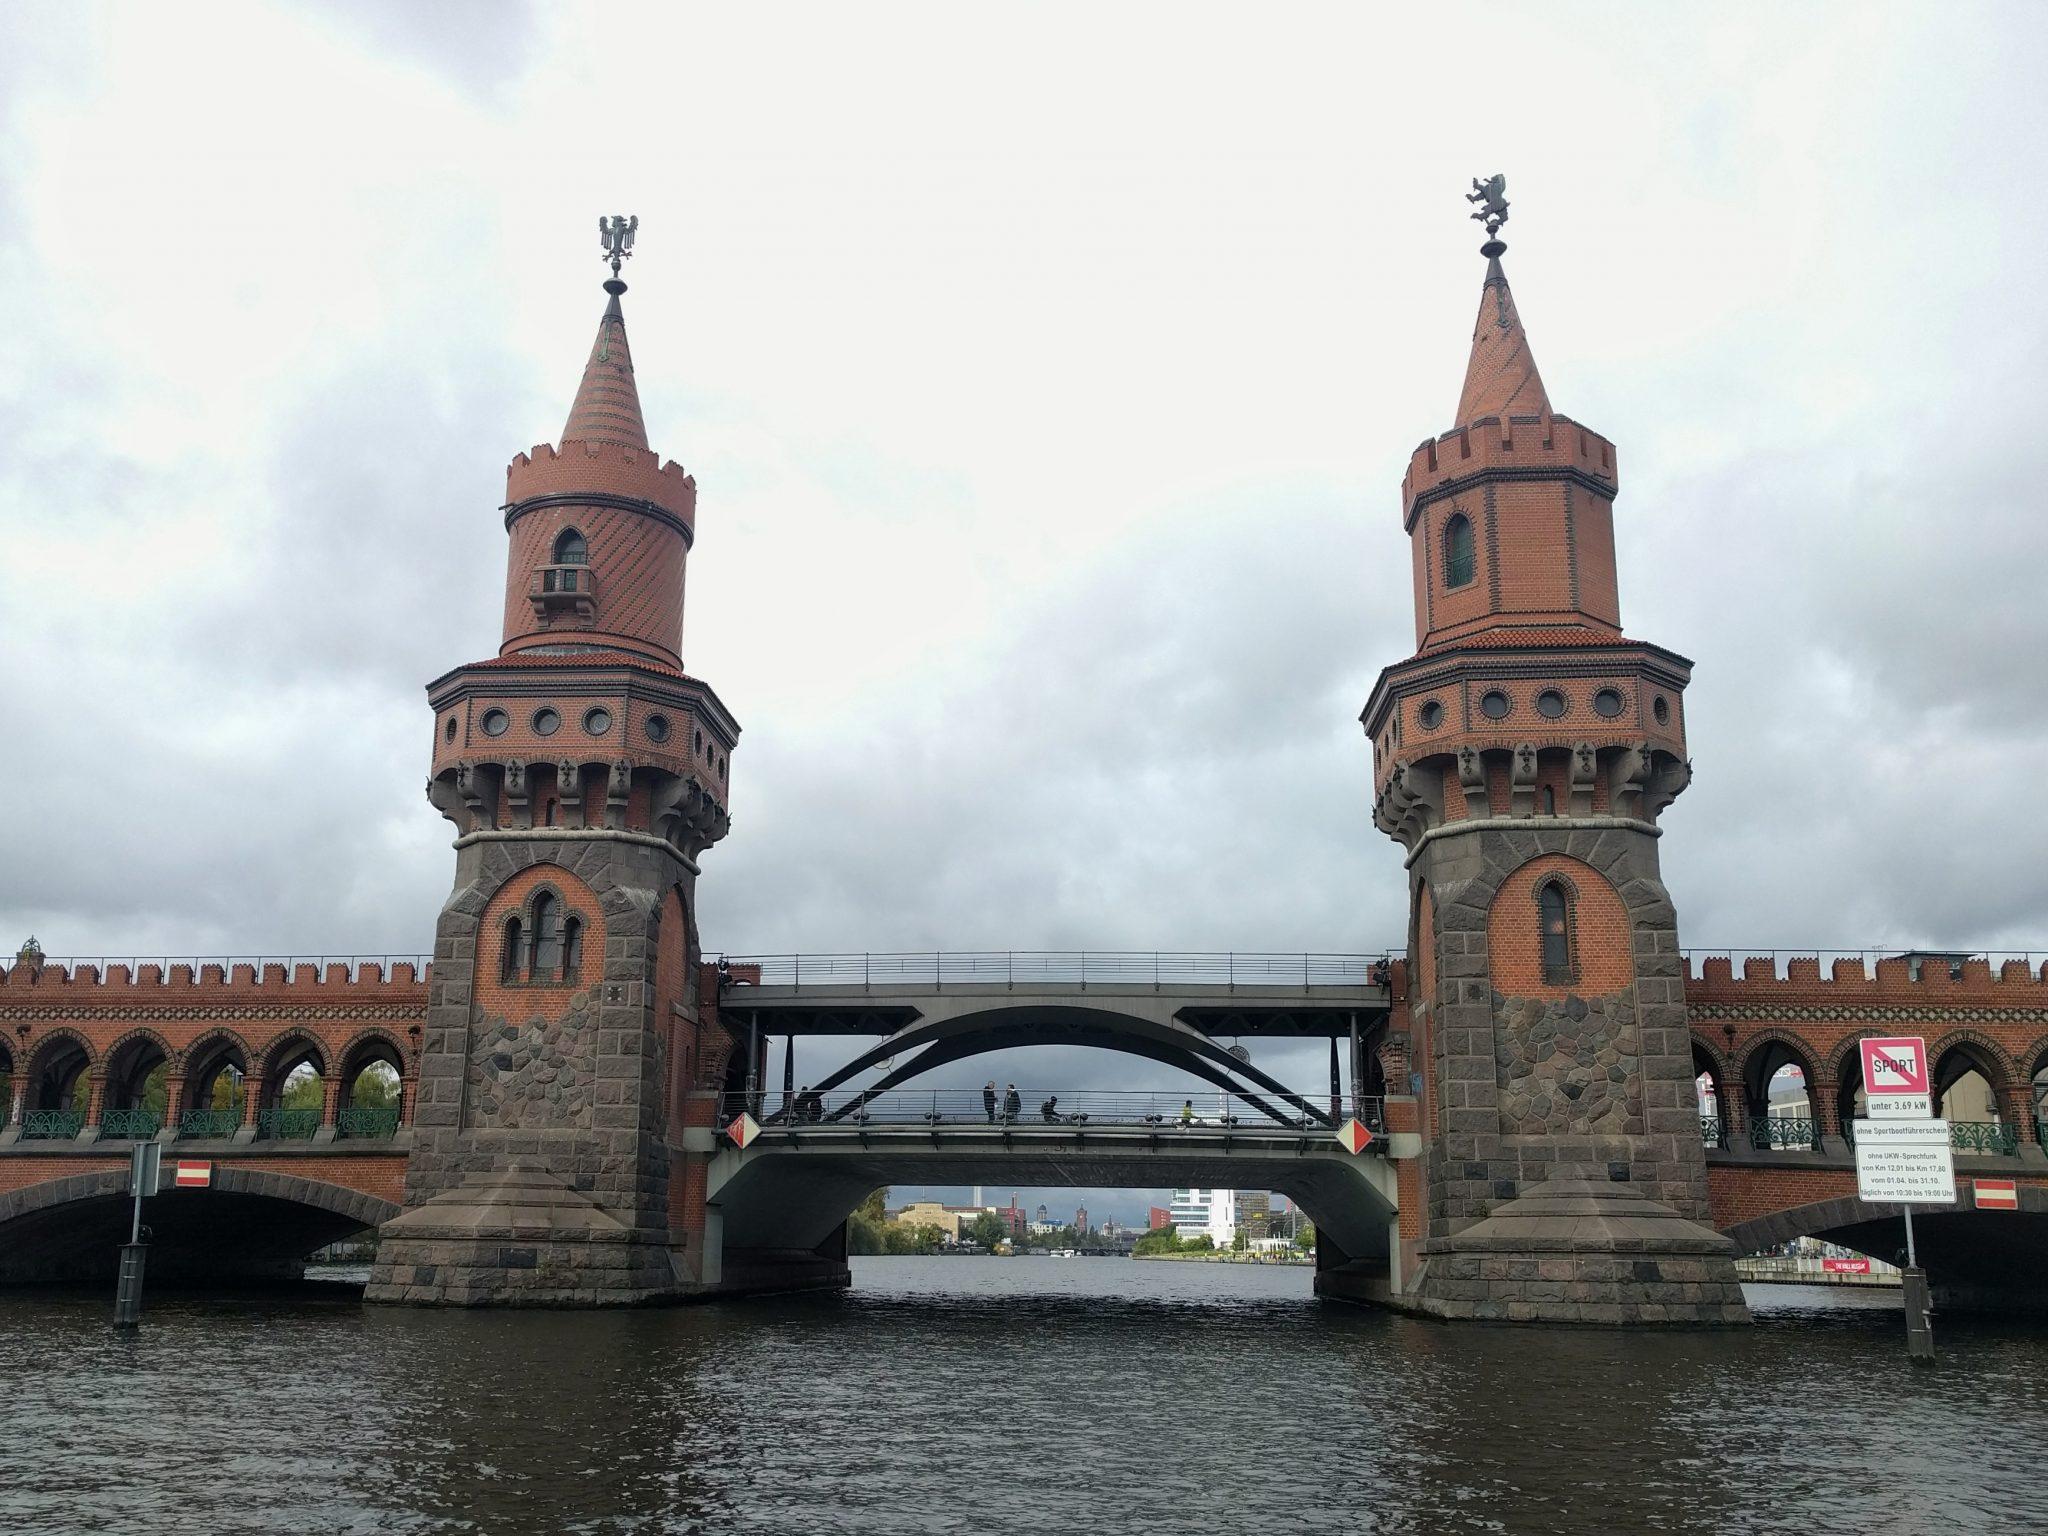 Oberbaumbrücke - massive siebenbogige Straßenbrücke mit Hochbahnviadukt